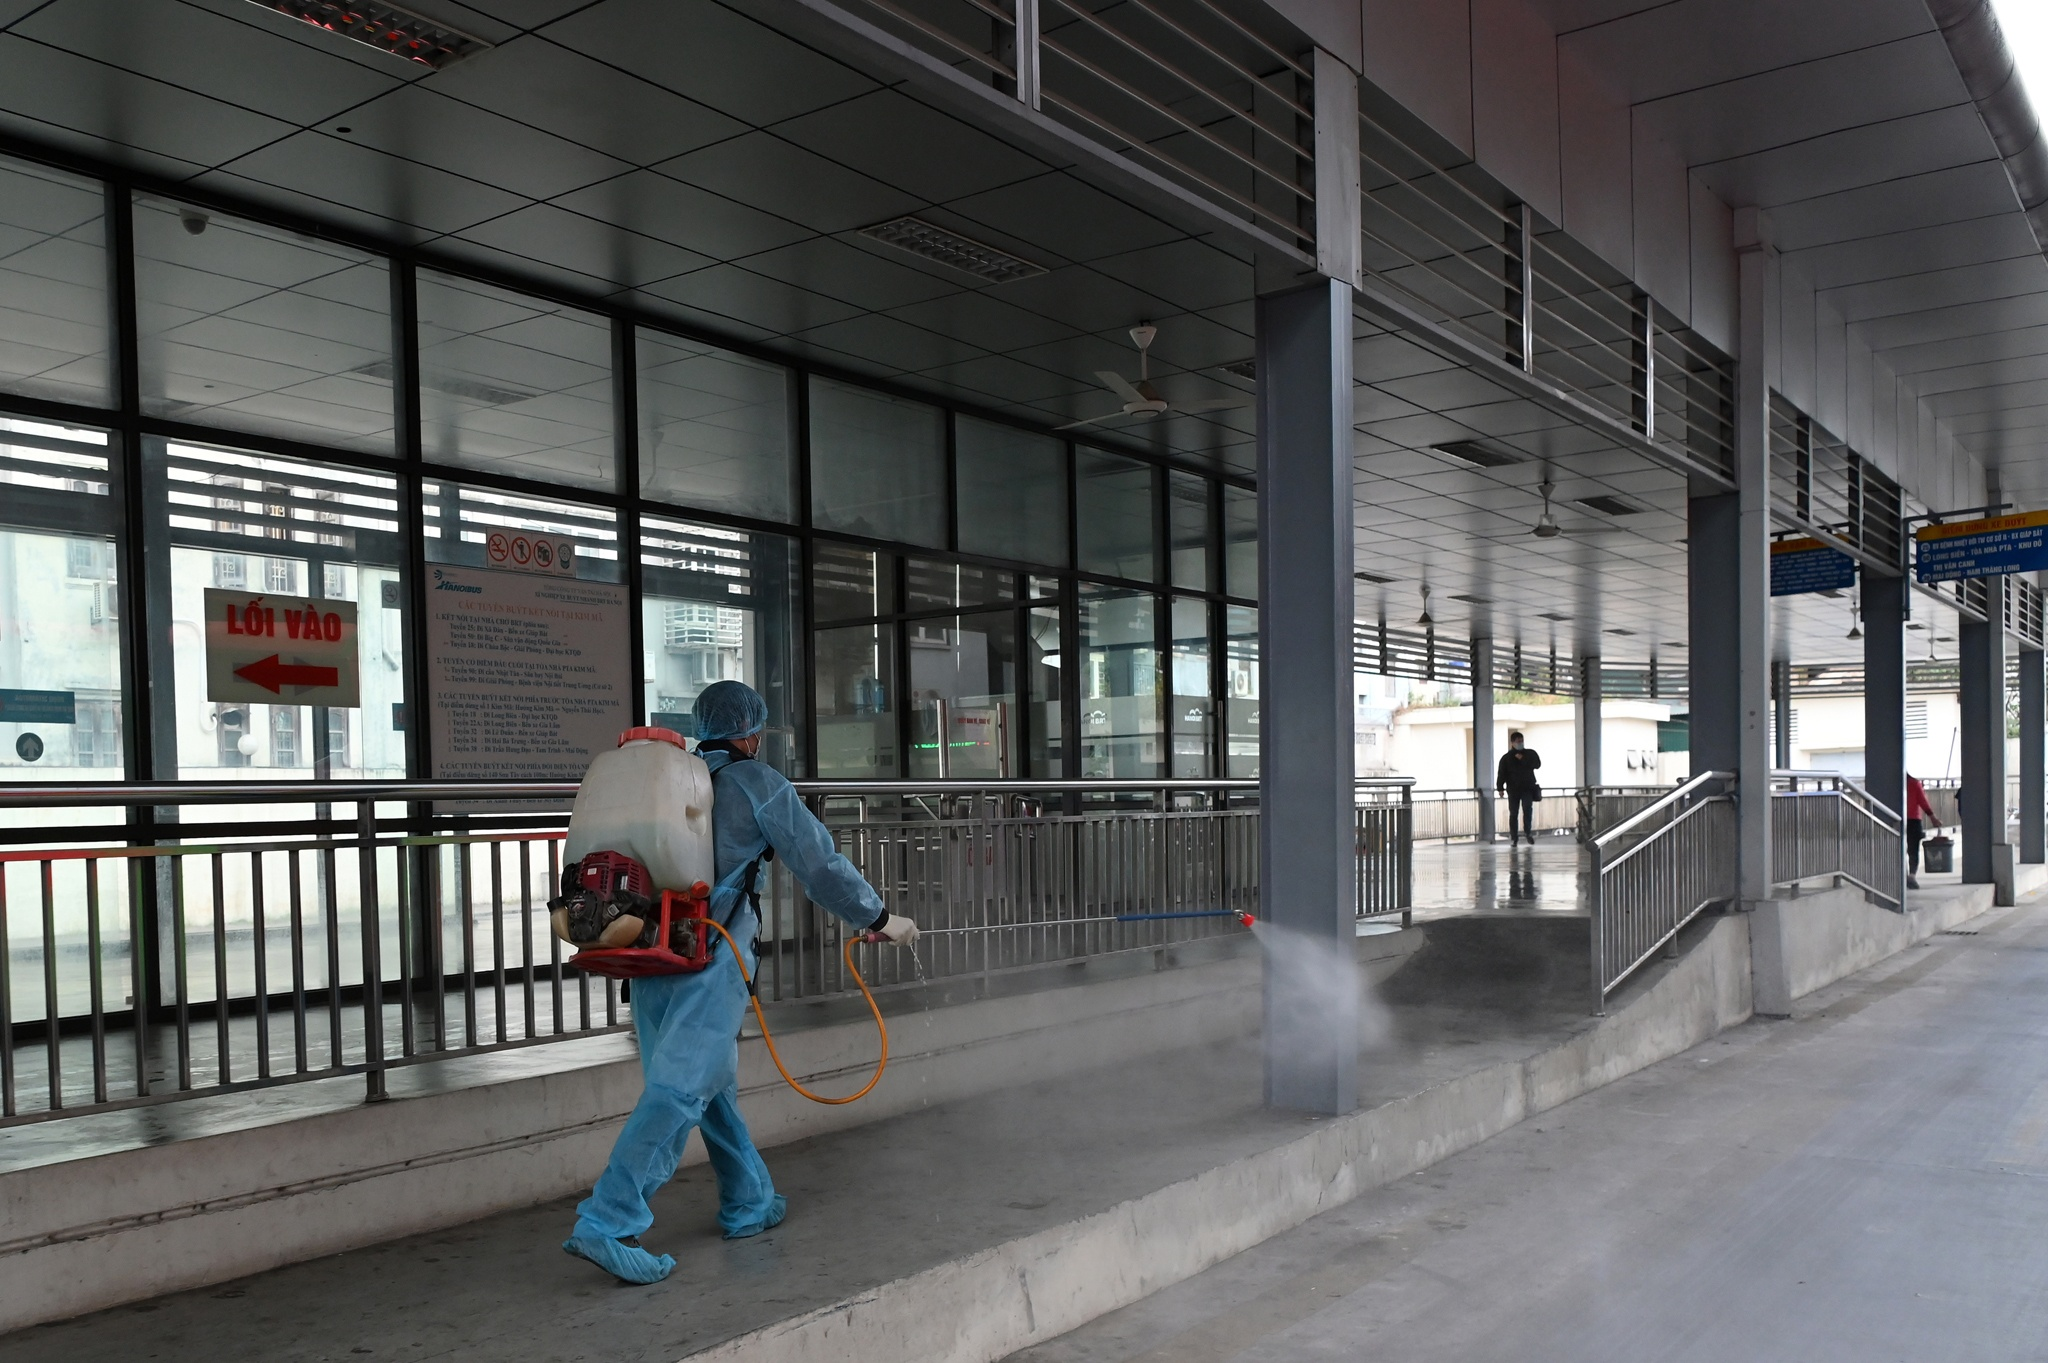 Chiều nay (28/1), Xí nghiệp xe buýt nhanh BRT (Tổng công ty Vận tải Hà Nội - Transerco) đã  tiến hành phun khử trùng phương tiện, nhà chờ nhằm tăng cường phòng chống dịch bệnh Covid-19 đang lan rộng.